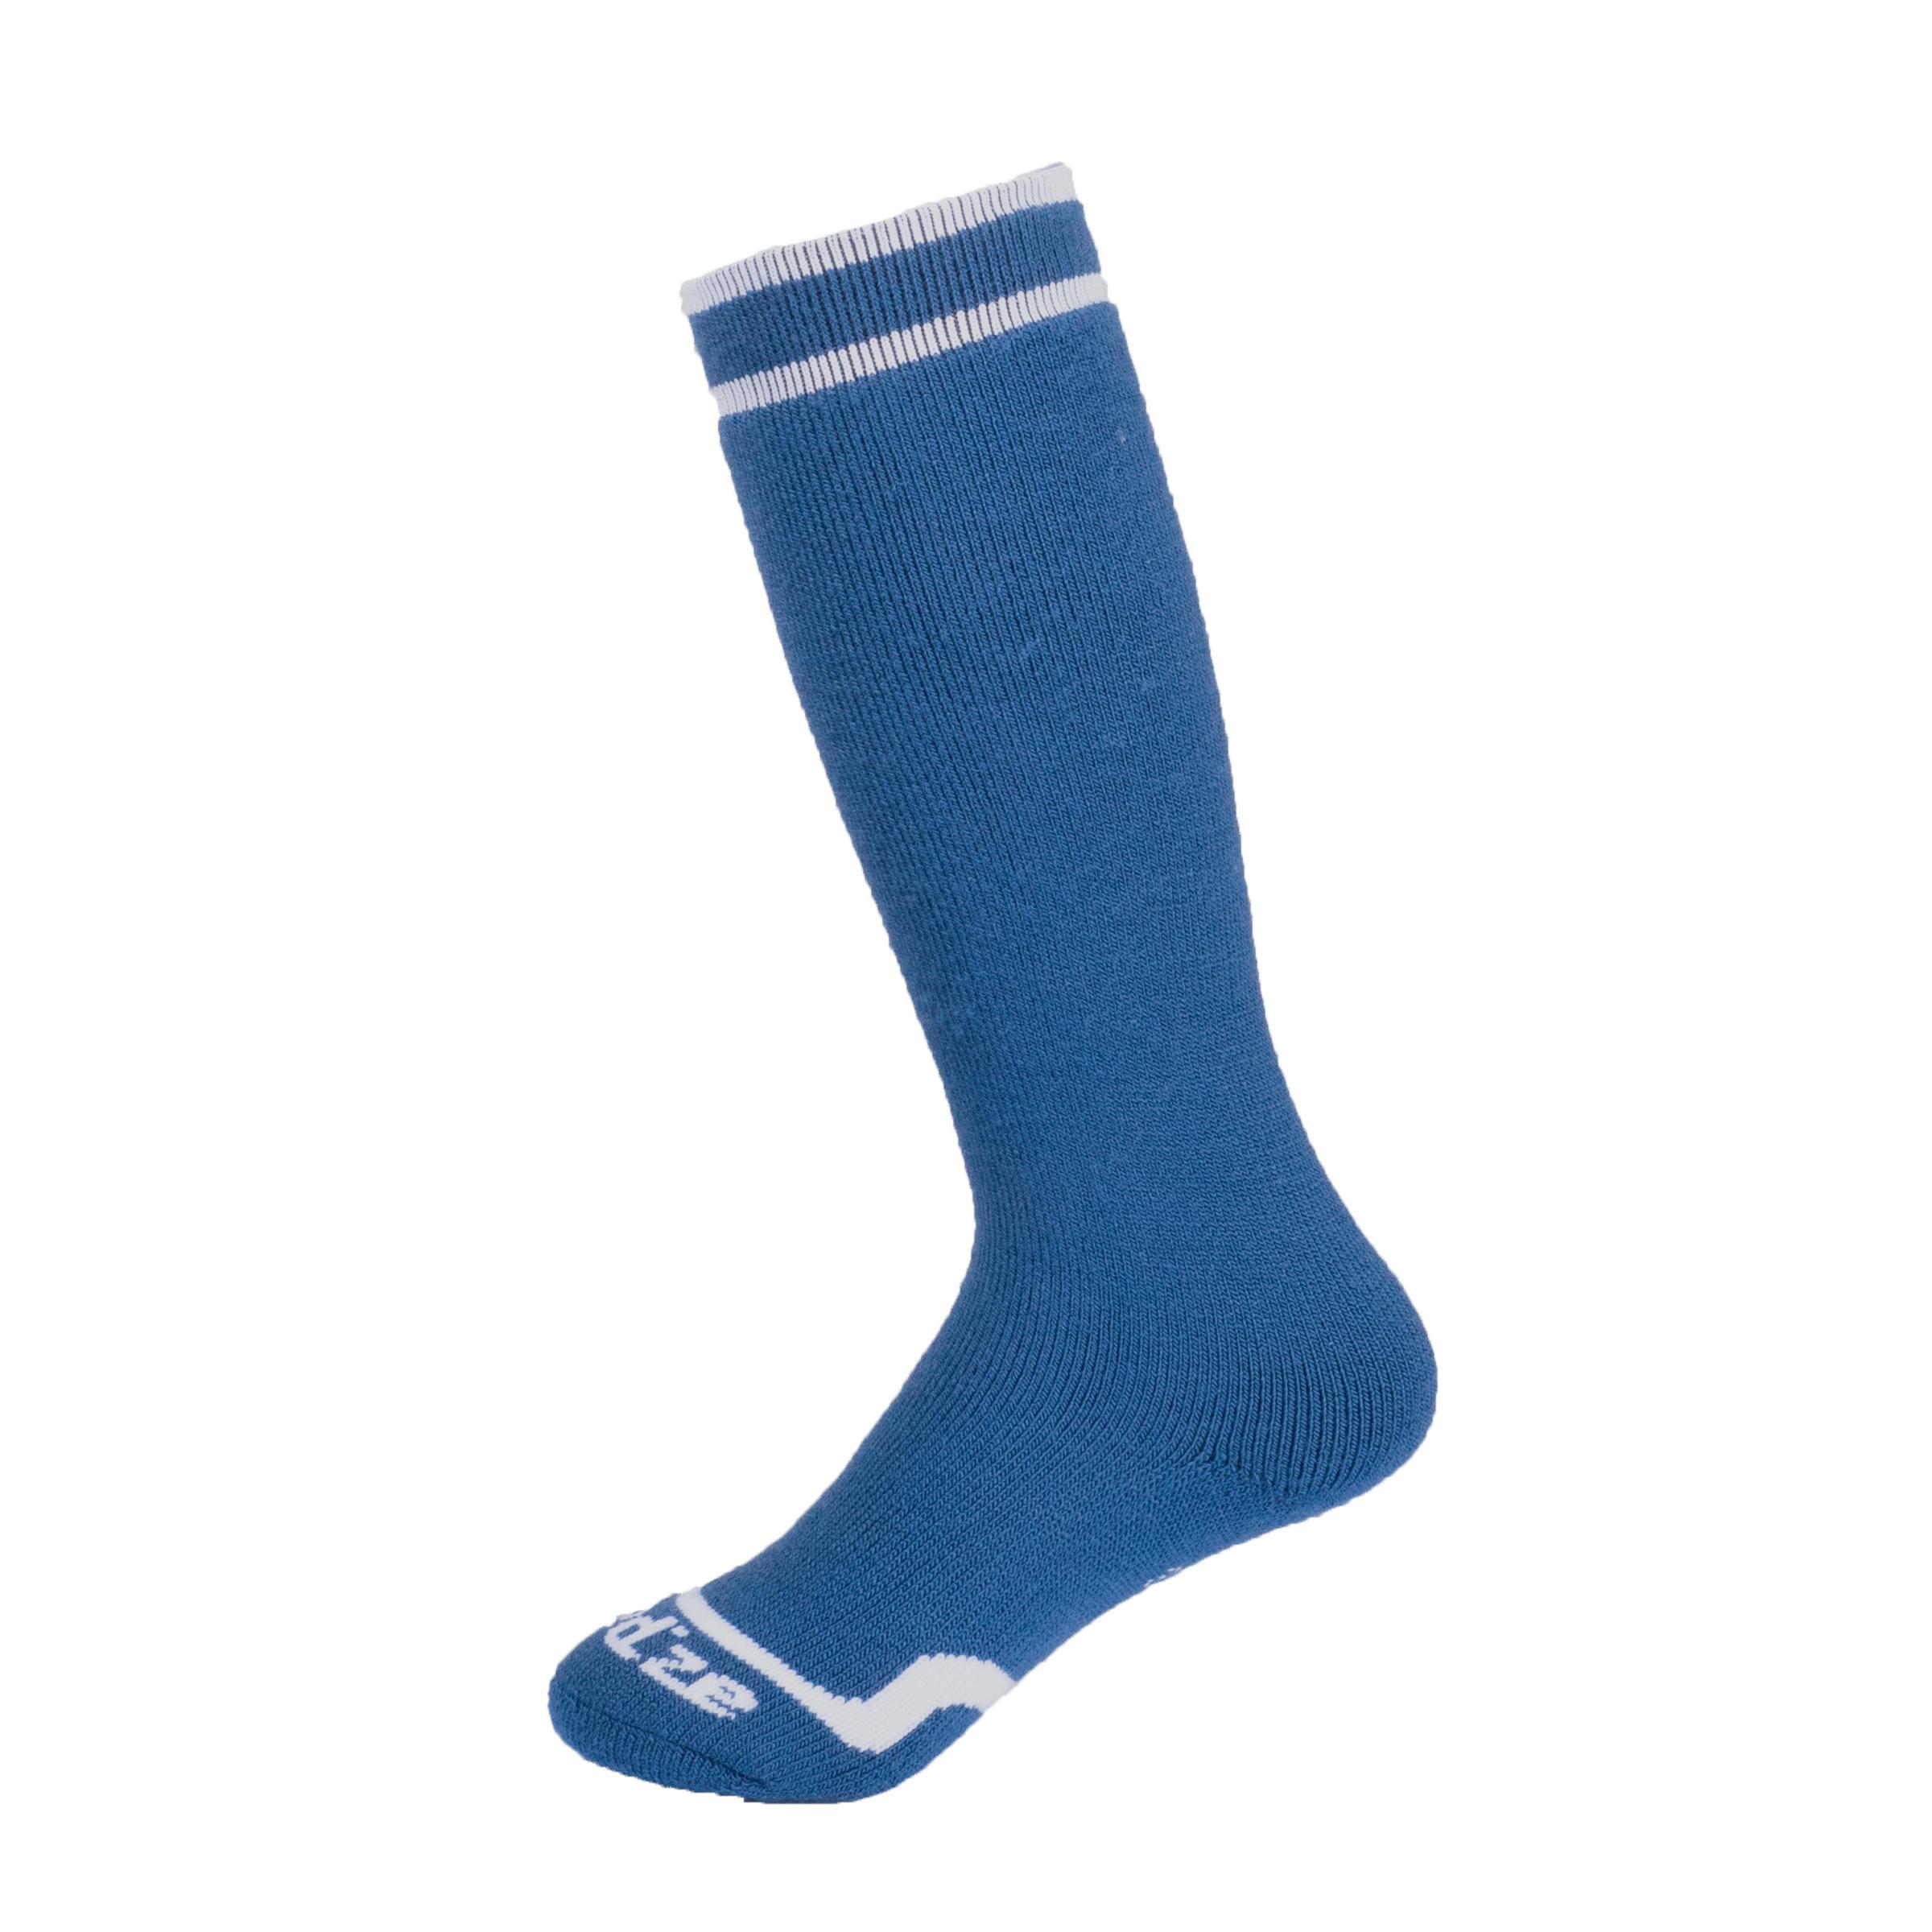 ถุงเท้าใส่เล่นสกีสำหรับเด็กรุ่น 50 (สีน้ำเงิน)